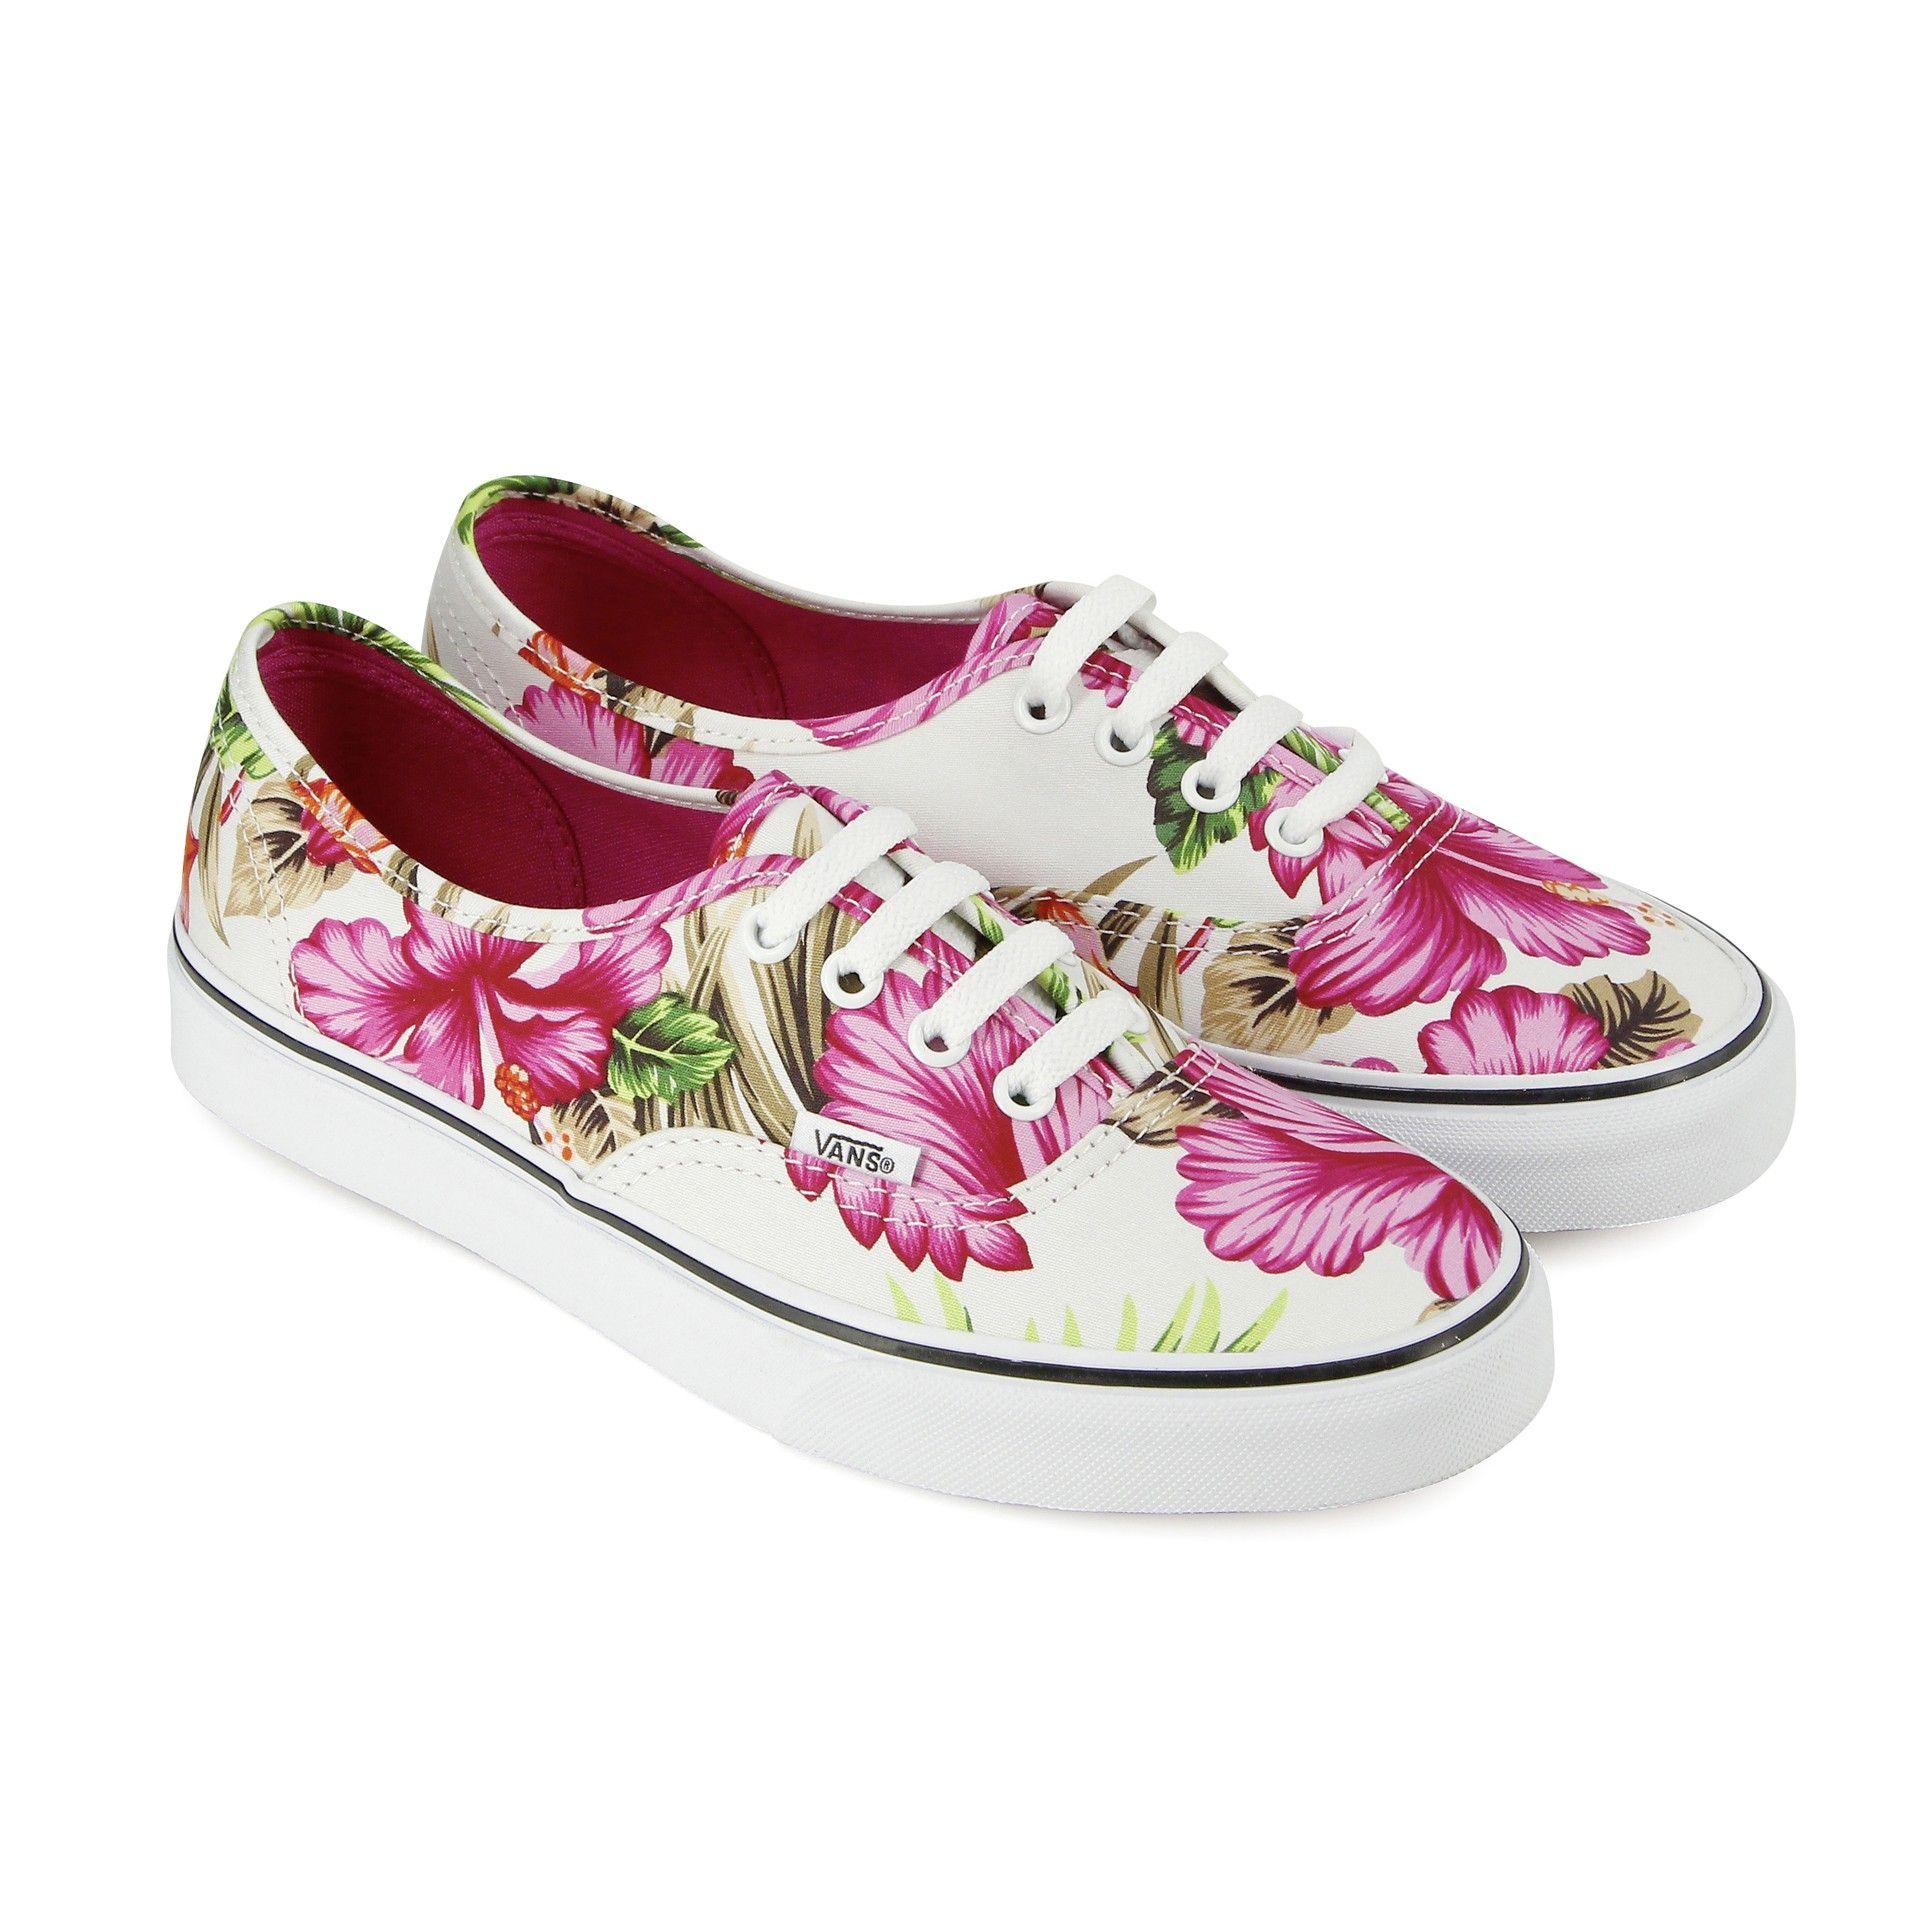 Alta qualit Vans Authentic Chaussures Femme vendita